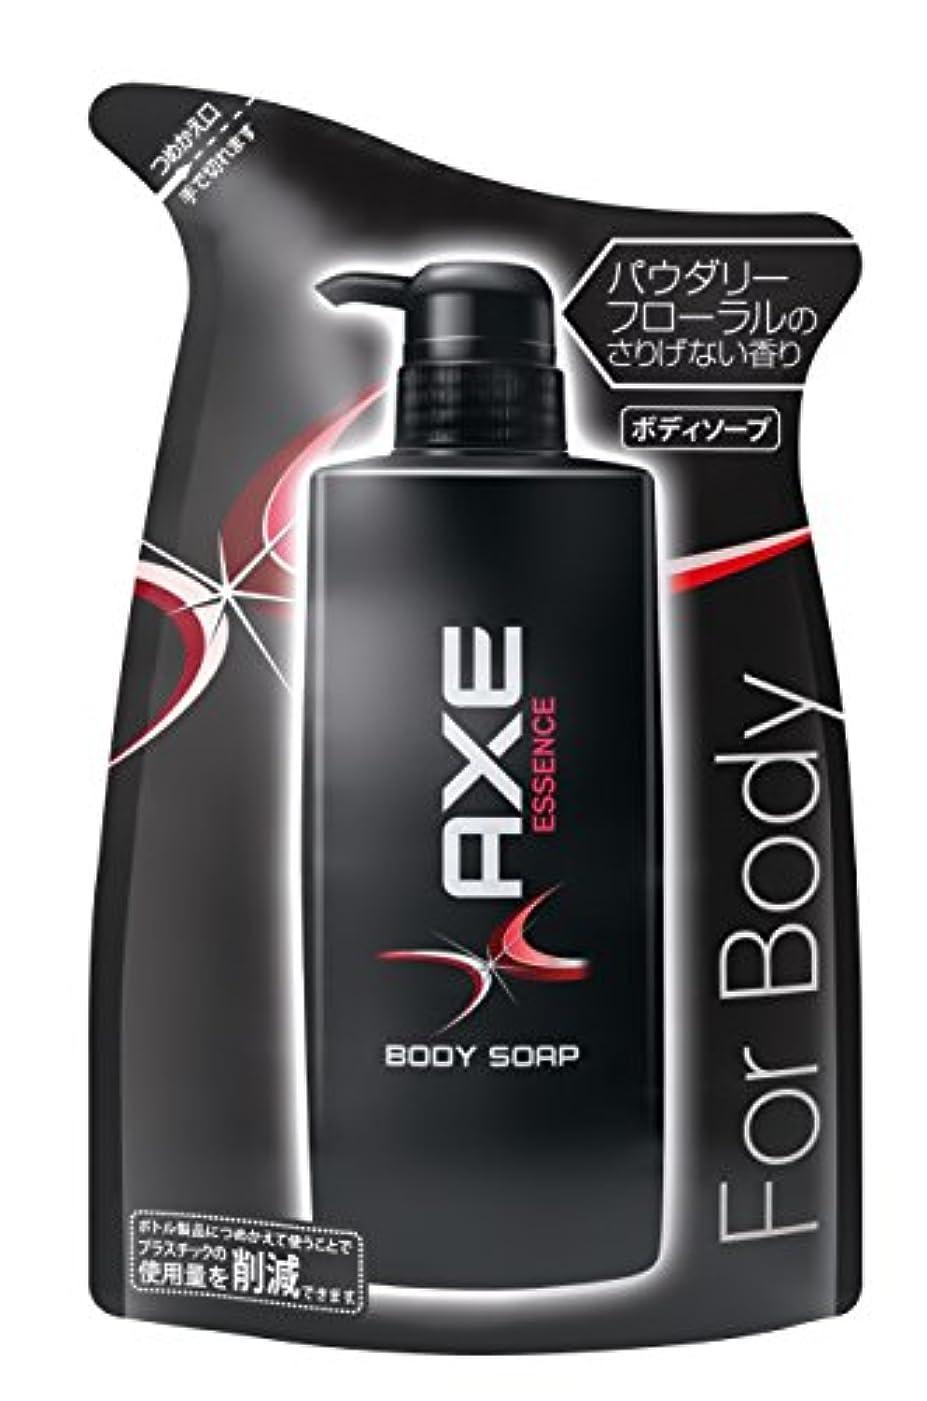 パイホールド現像アックス(AXE) ボディソープ エッセンス つめかえ用 380g (ほのかに甘いパウダリーフローラルの香り)